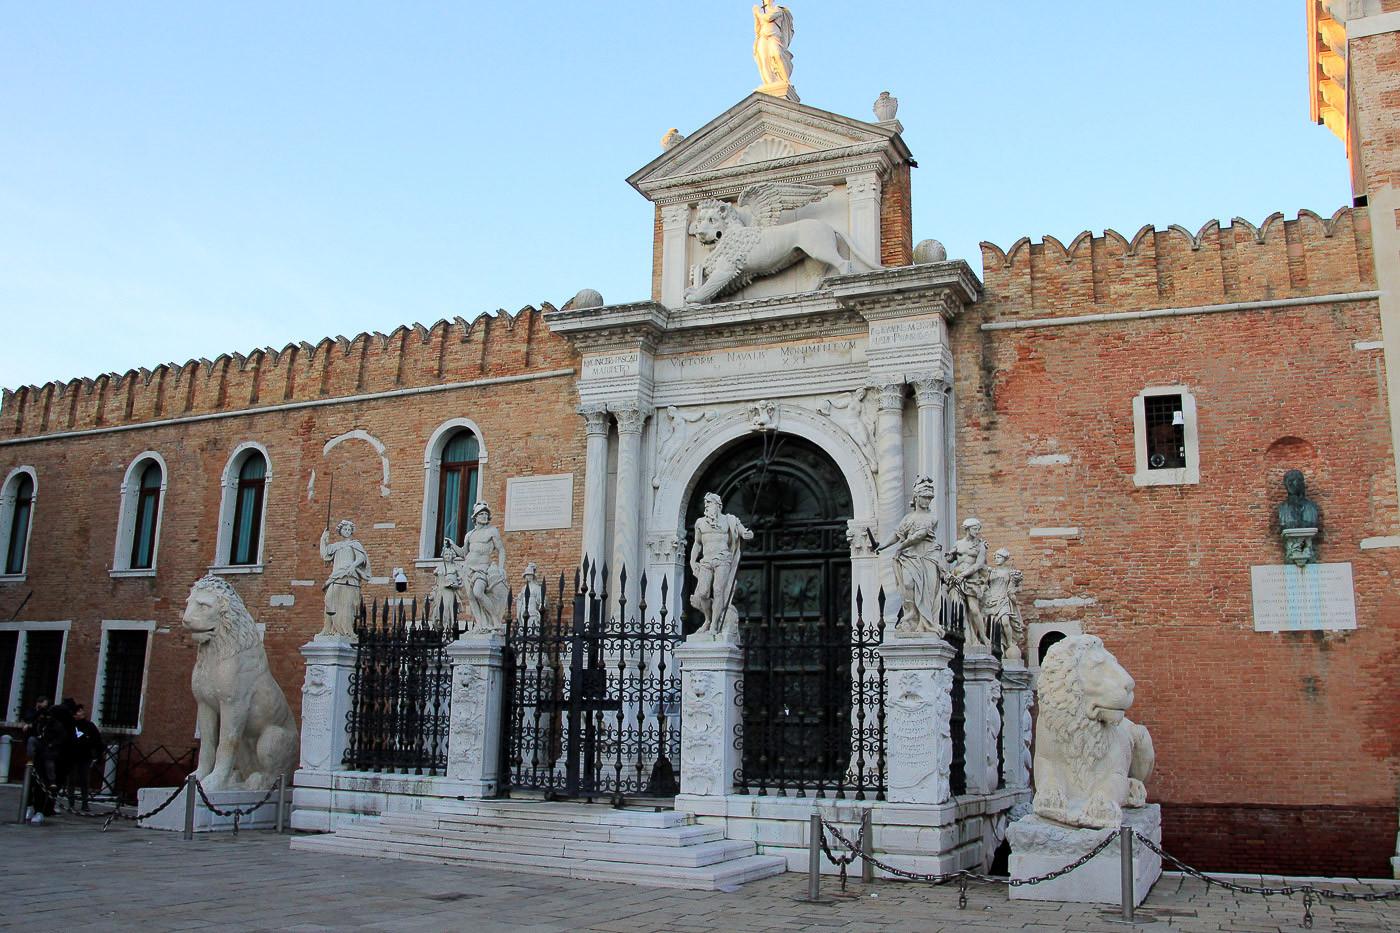 Porta Magna